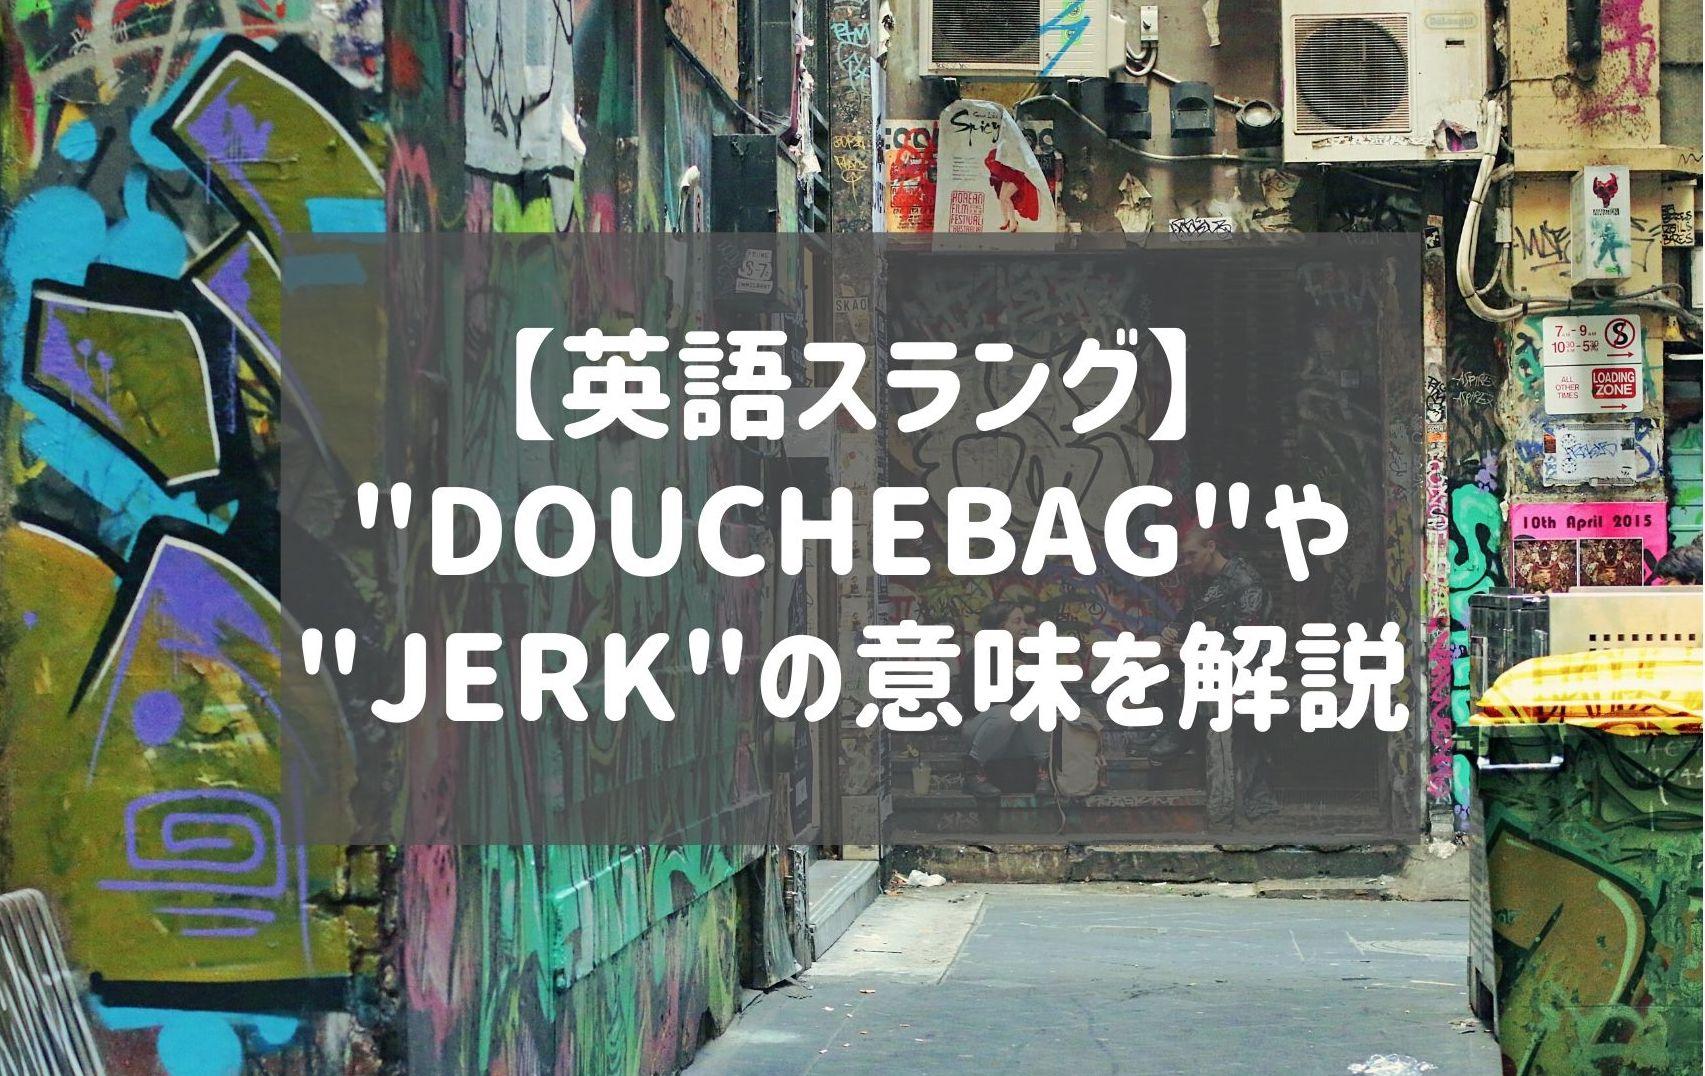 douchebagの意味は?ネイティブがよく使う「嫌なやつ」を表す英語